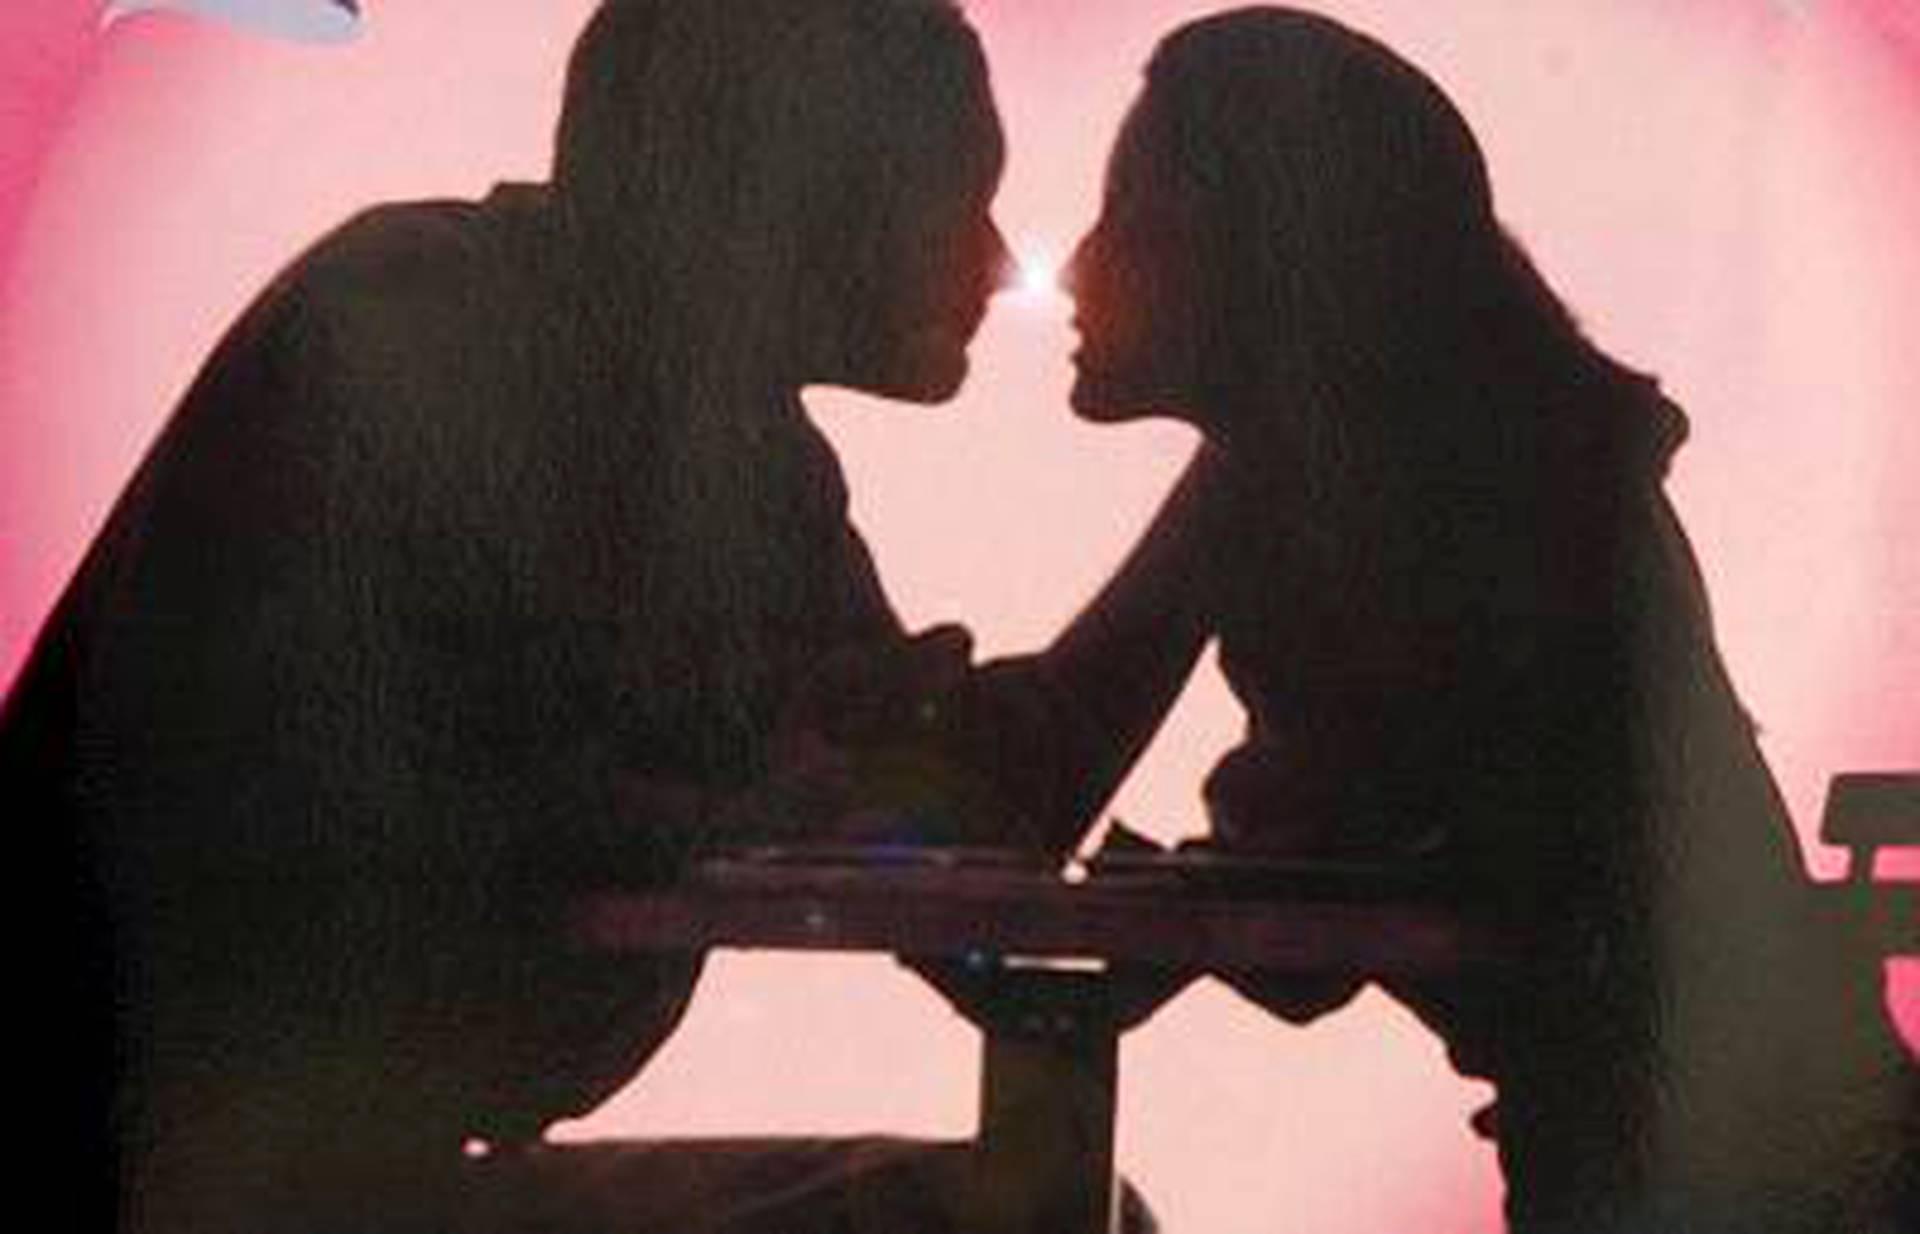 maksaa dating sites Yhdysvalloissa